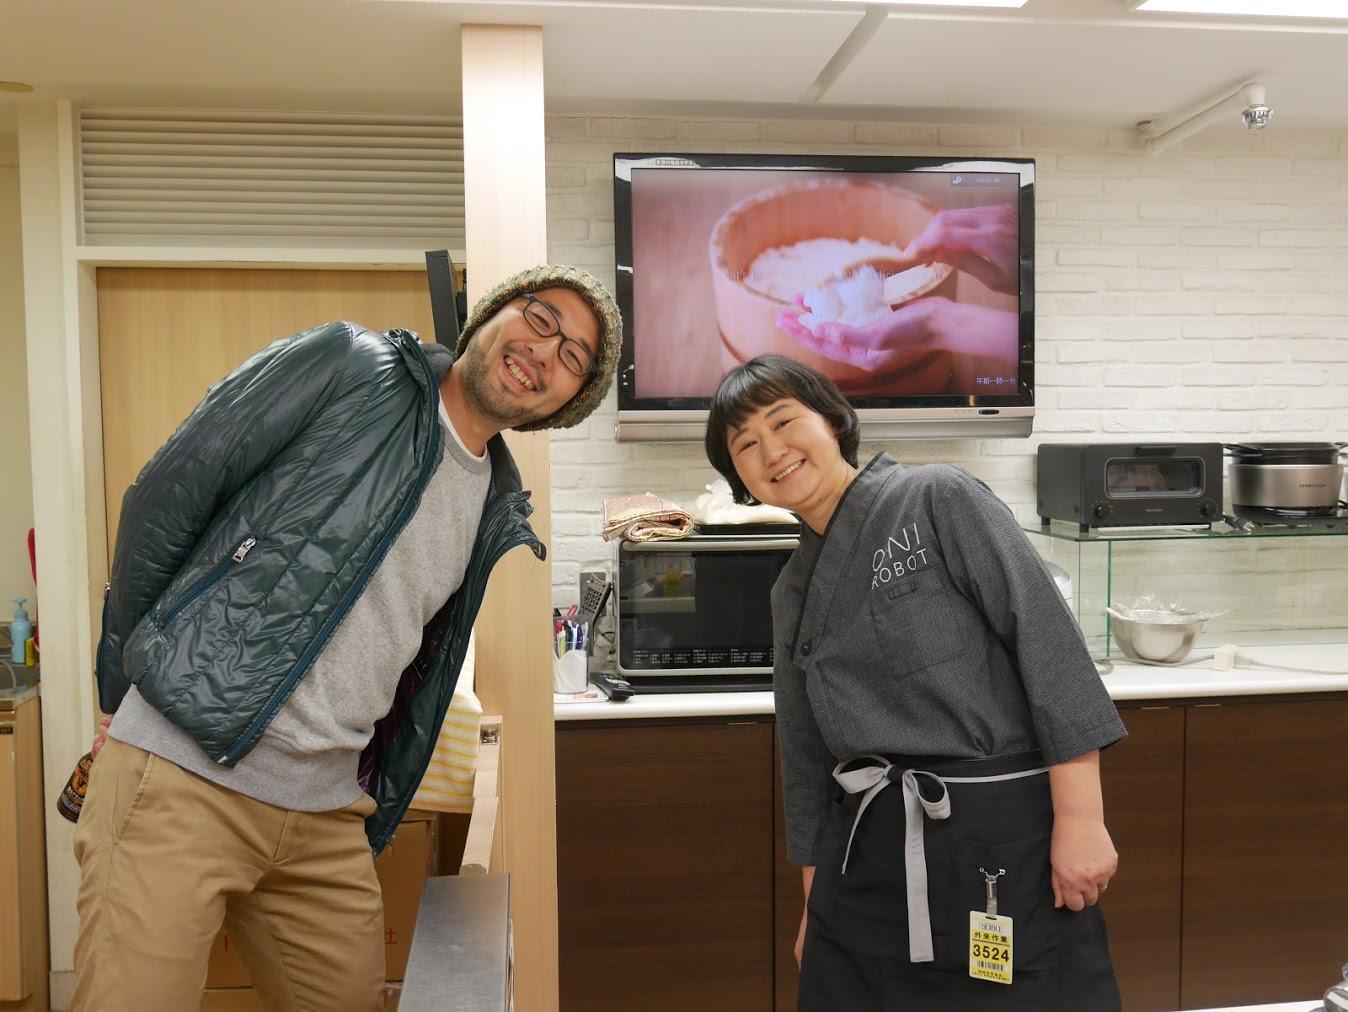 5_おにぎり浅草宿六の三浦洋介氏_Yosuke Miura from Yadoroku_.JPG